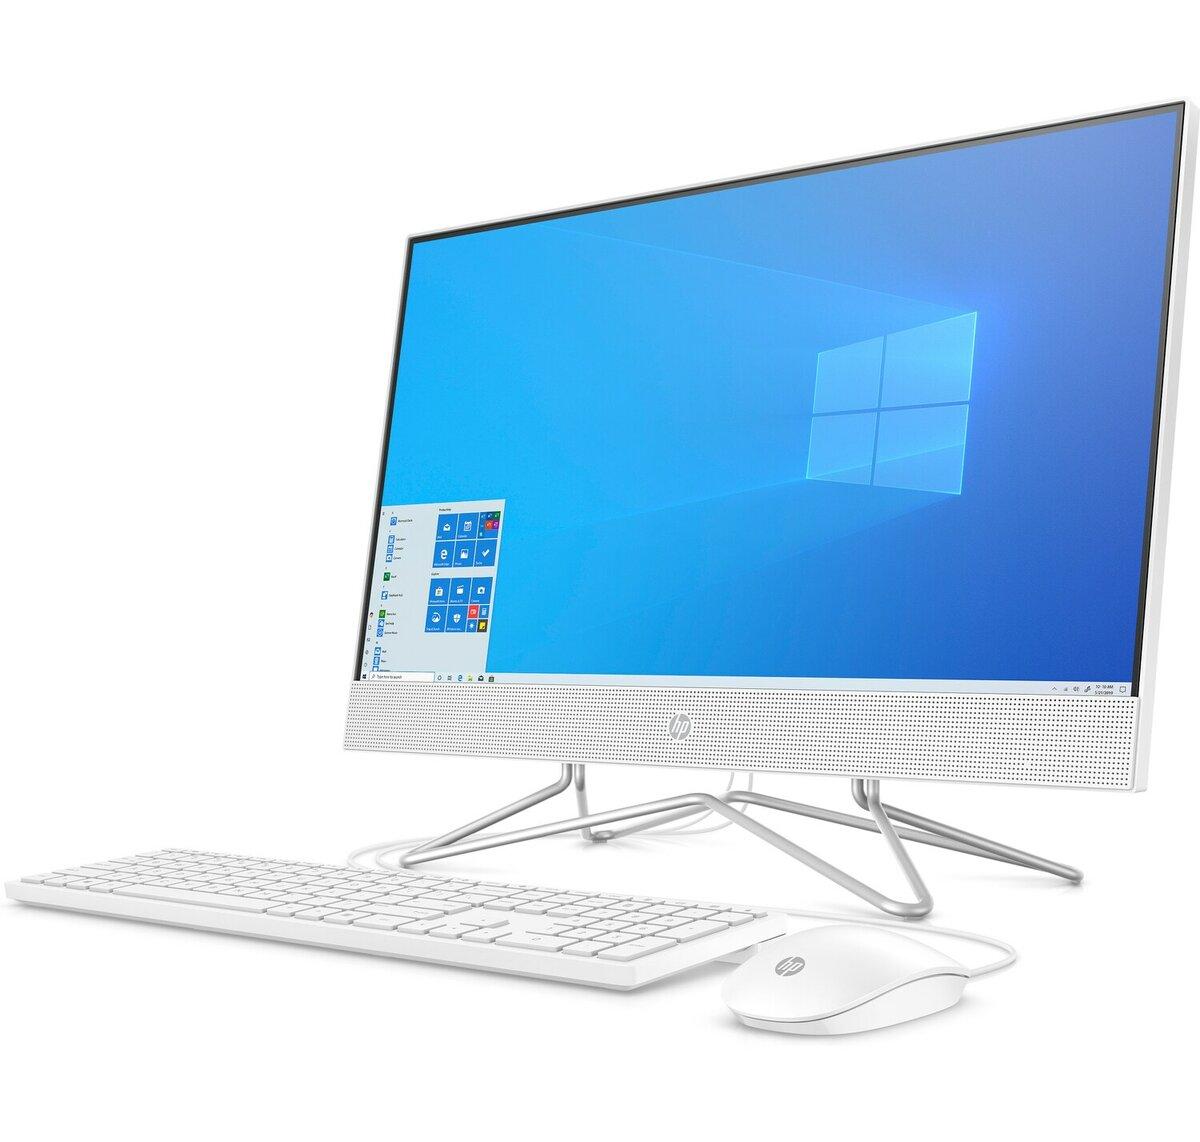 Windows 10 için USB kurtarma sürücüsü oluşturma nasıl yapılır?